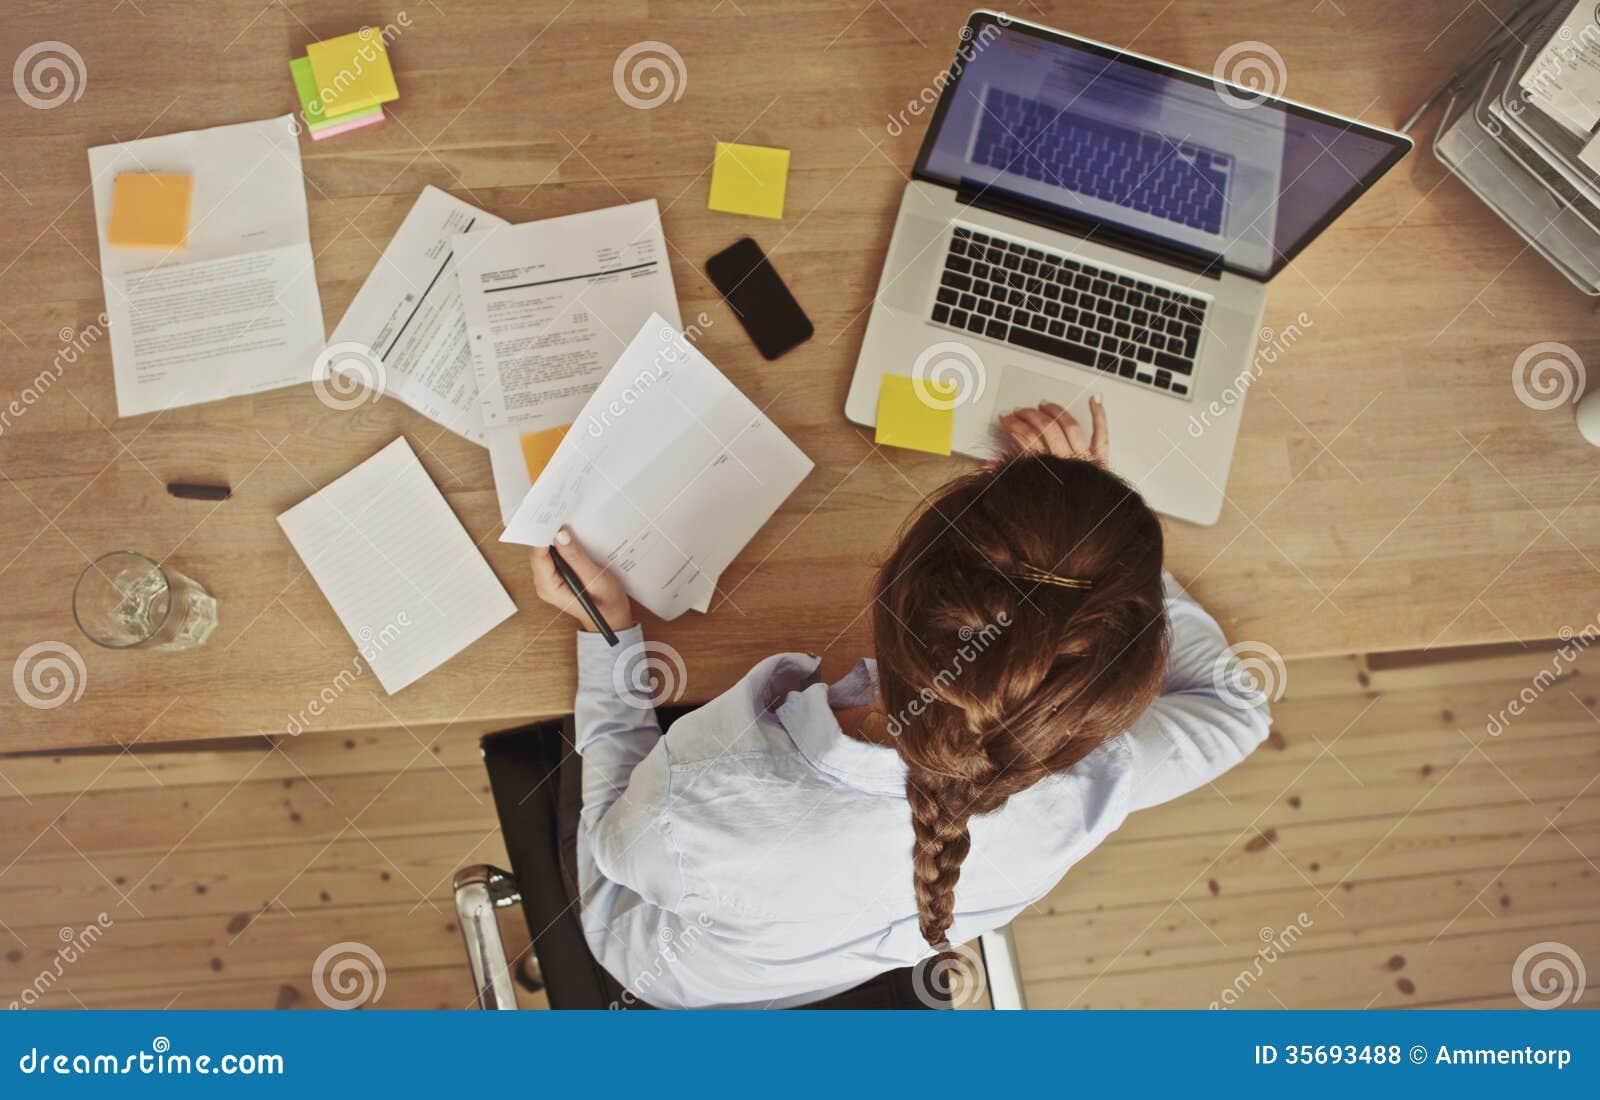 Empresaria que trabaja en su escritorio de oficina con los documentos y el ordenador portátil